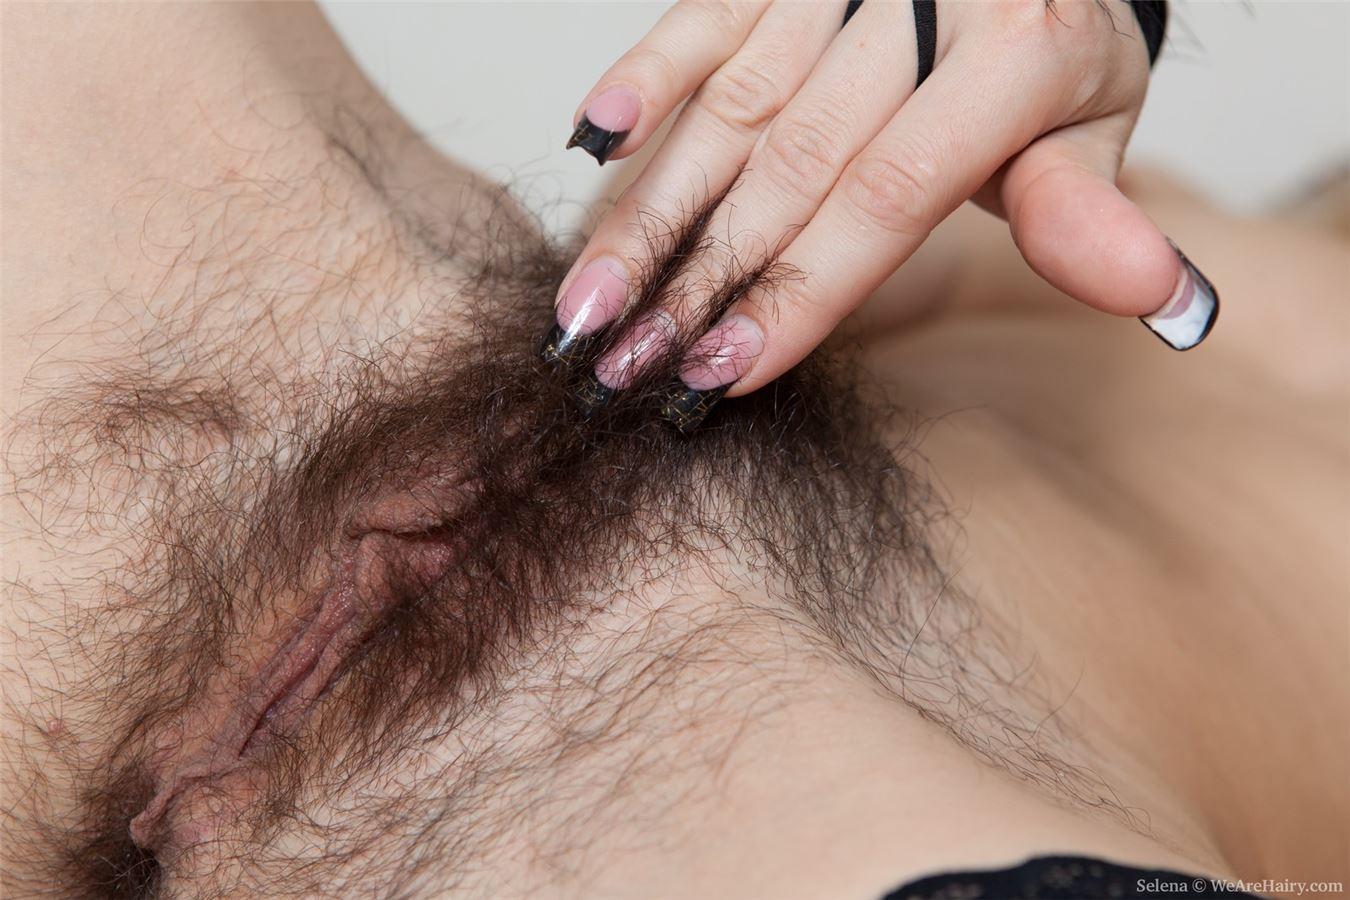 Фото сильно заросшие вагины 26 фотография